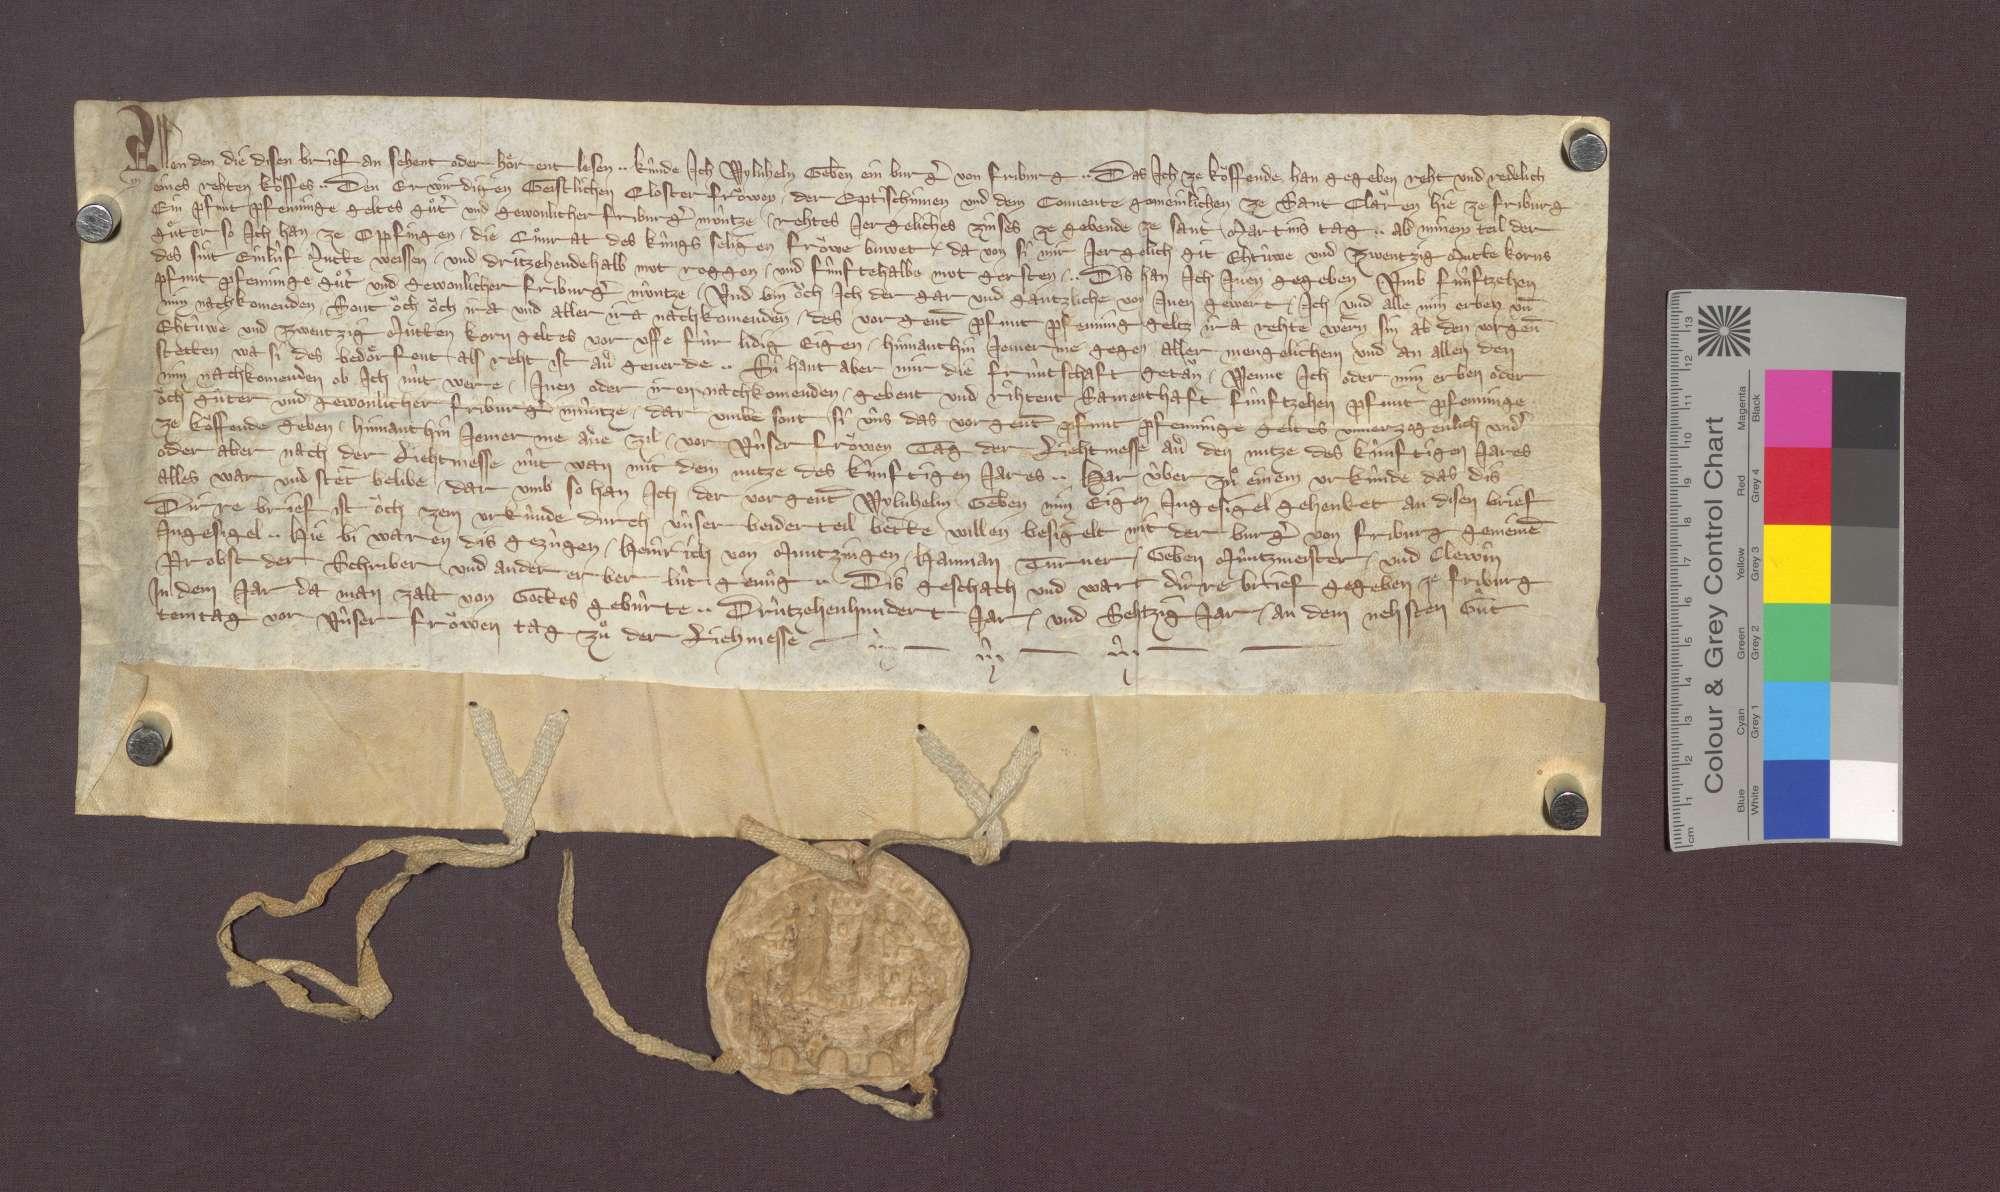 Wilhelm Geben, Bürger zu Freiburg, verkauft den Clarissen daselbst einen jährlichen Zins von 1 Pfund Pfennigen von seinen Gütern zu Opfingen um 15 Pfund Pfennige., Bild 1